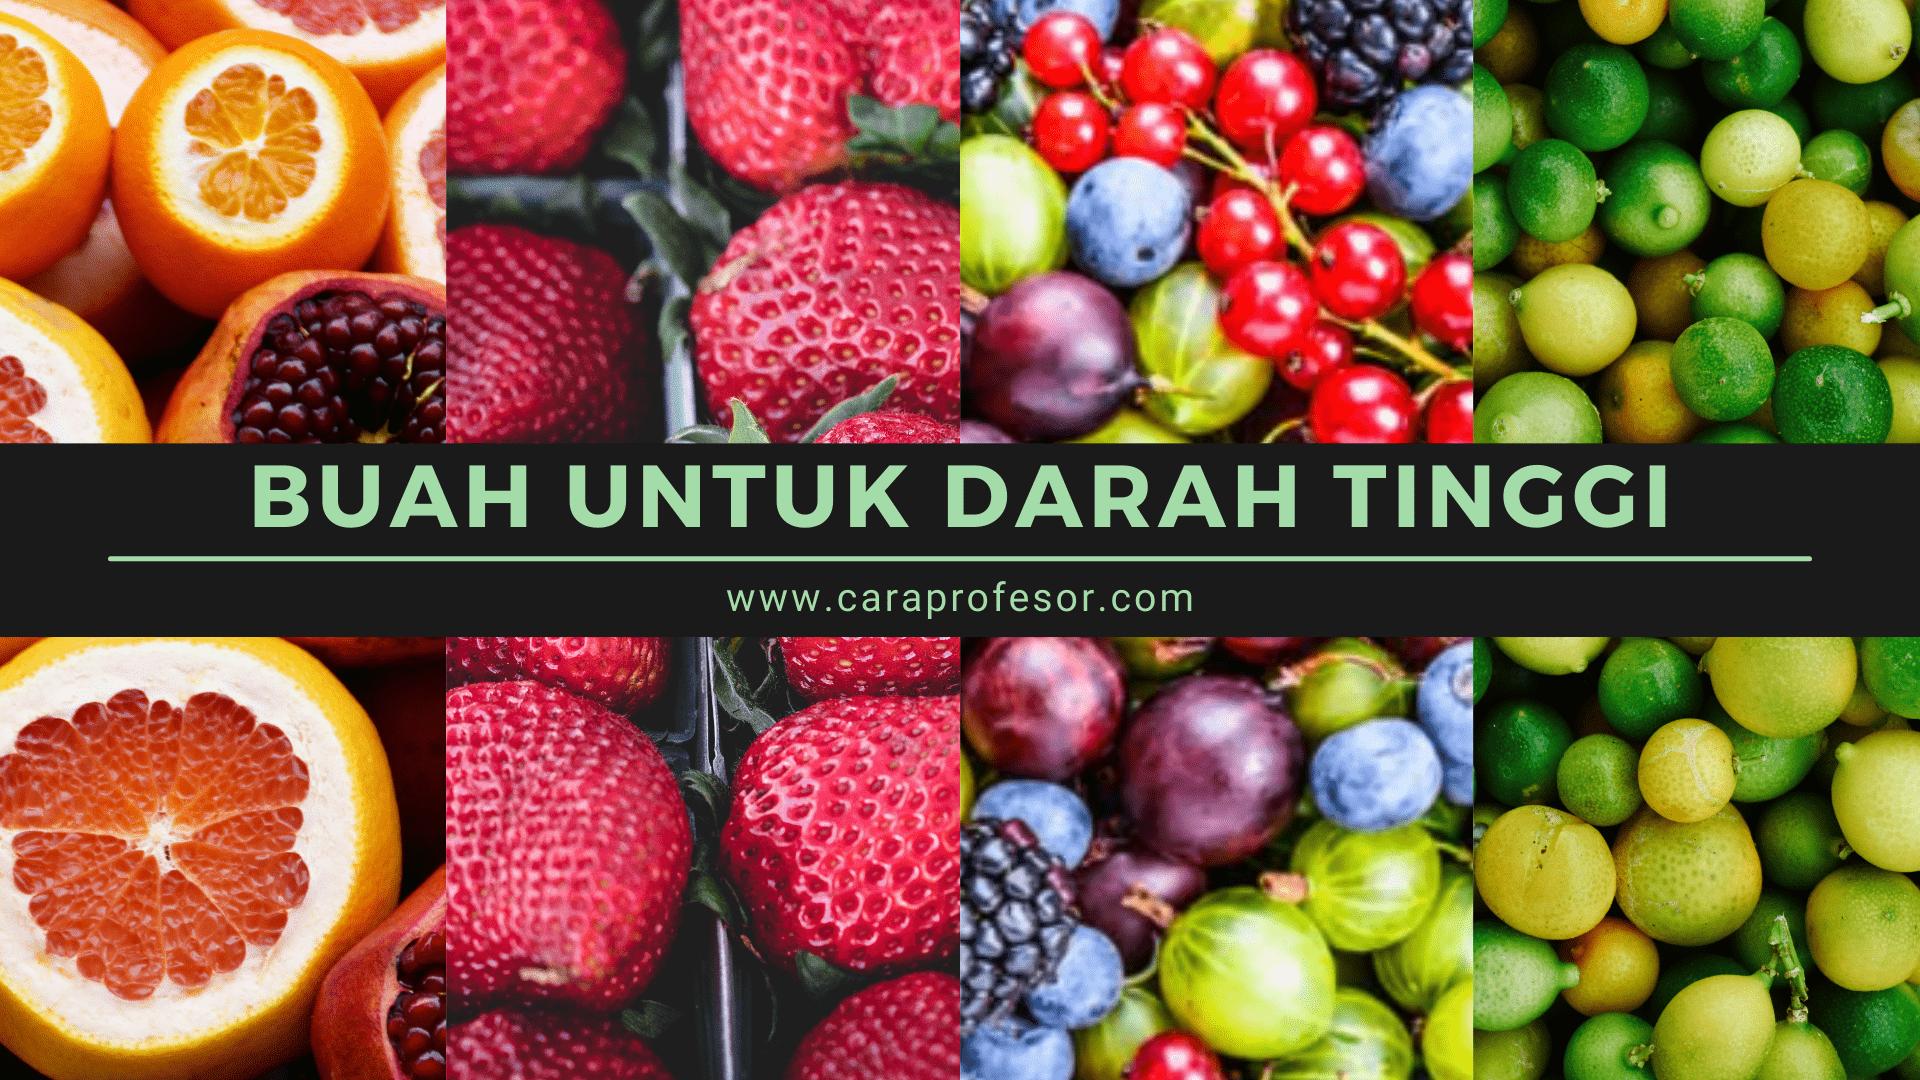 buah untuk darah tinggi